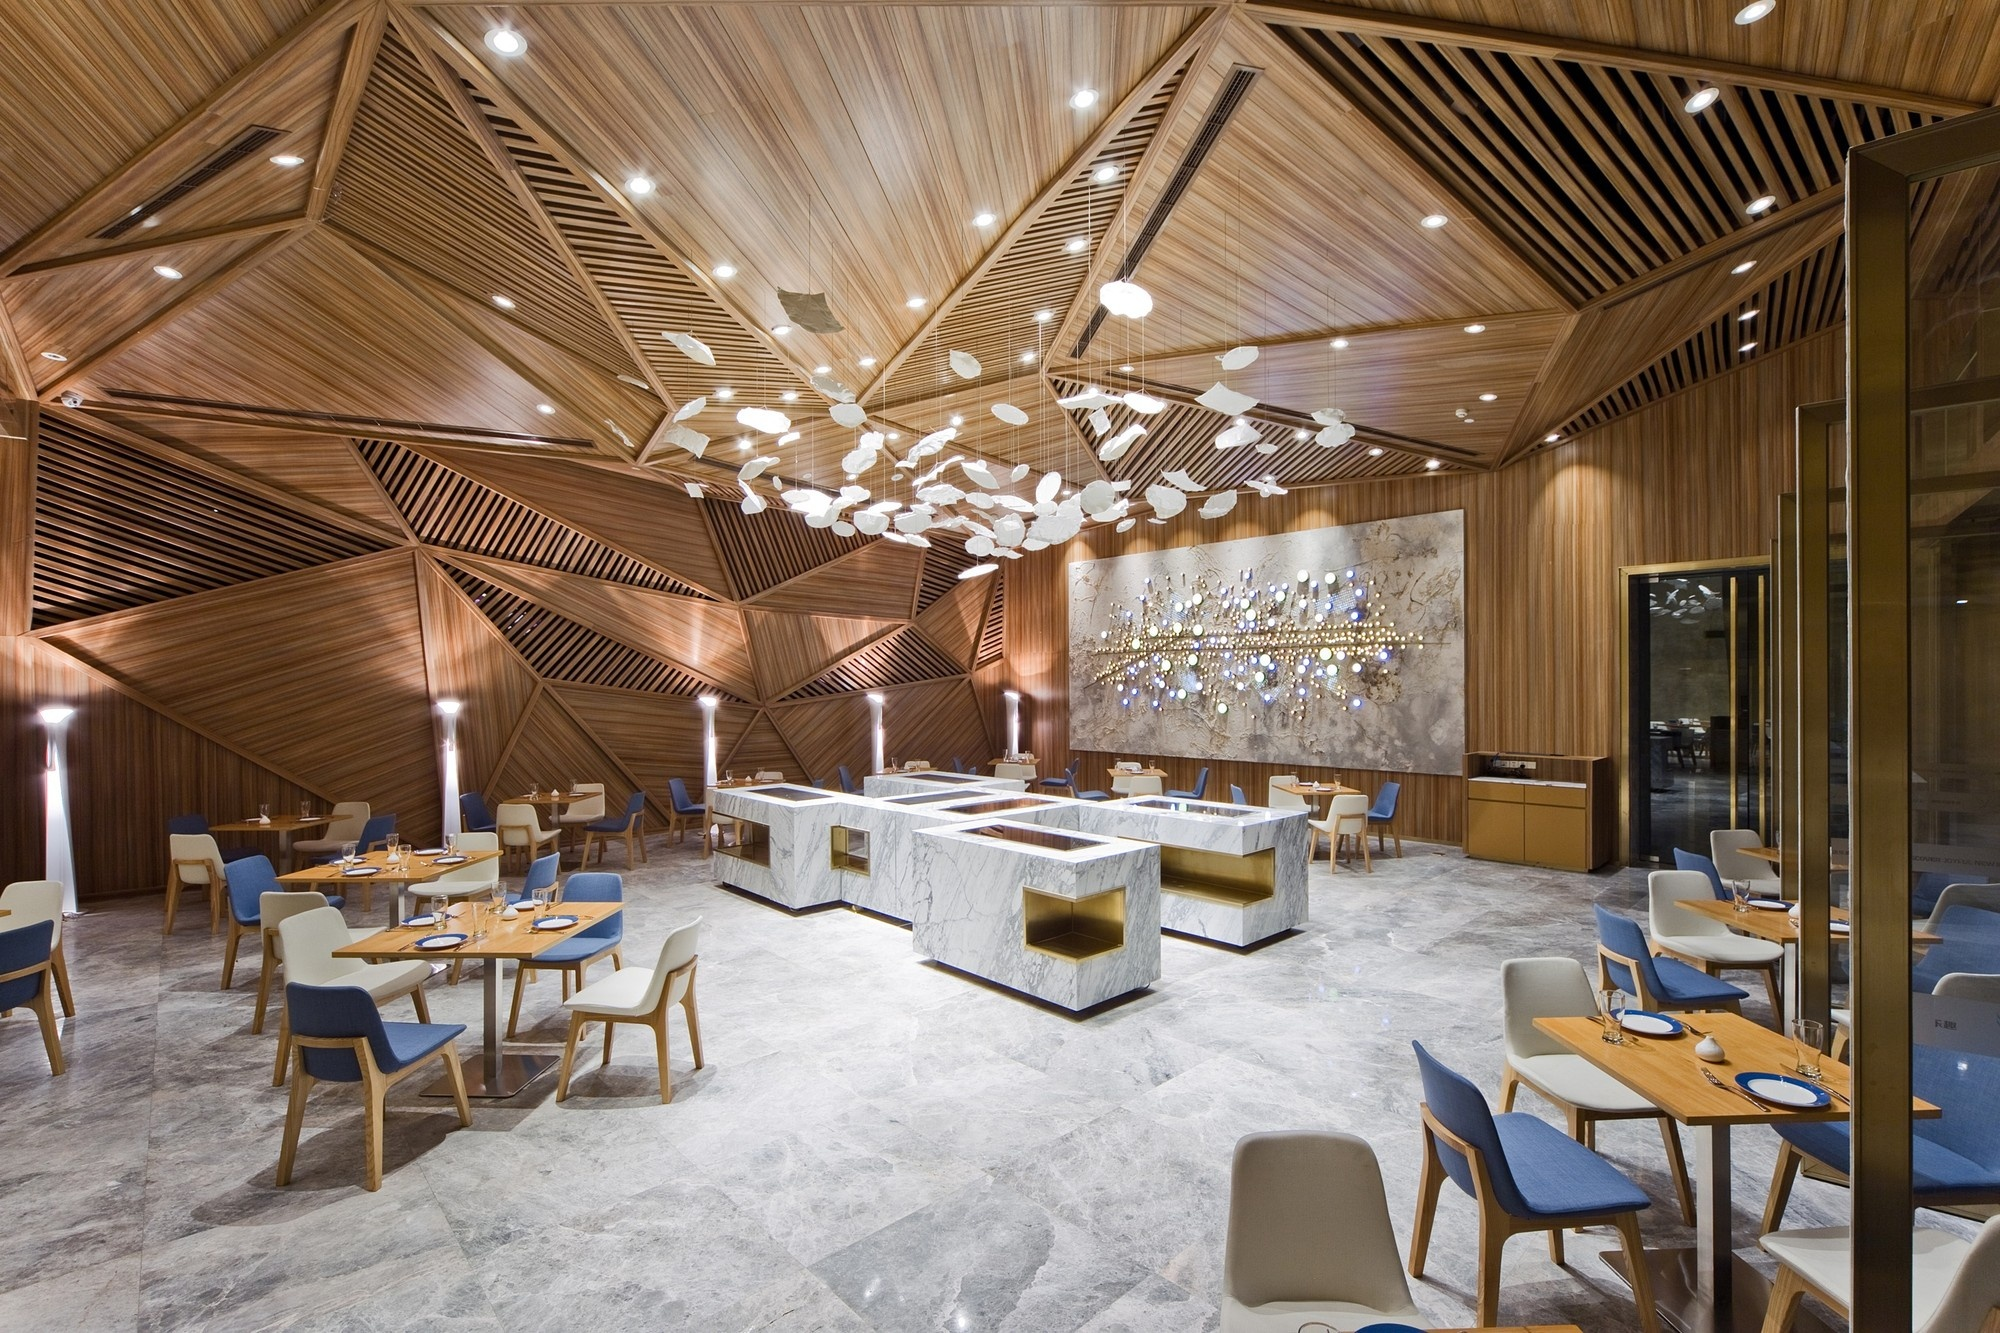 картинки деревянного ресторана сейчас